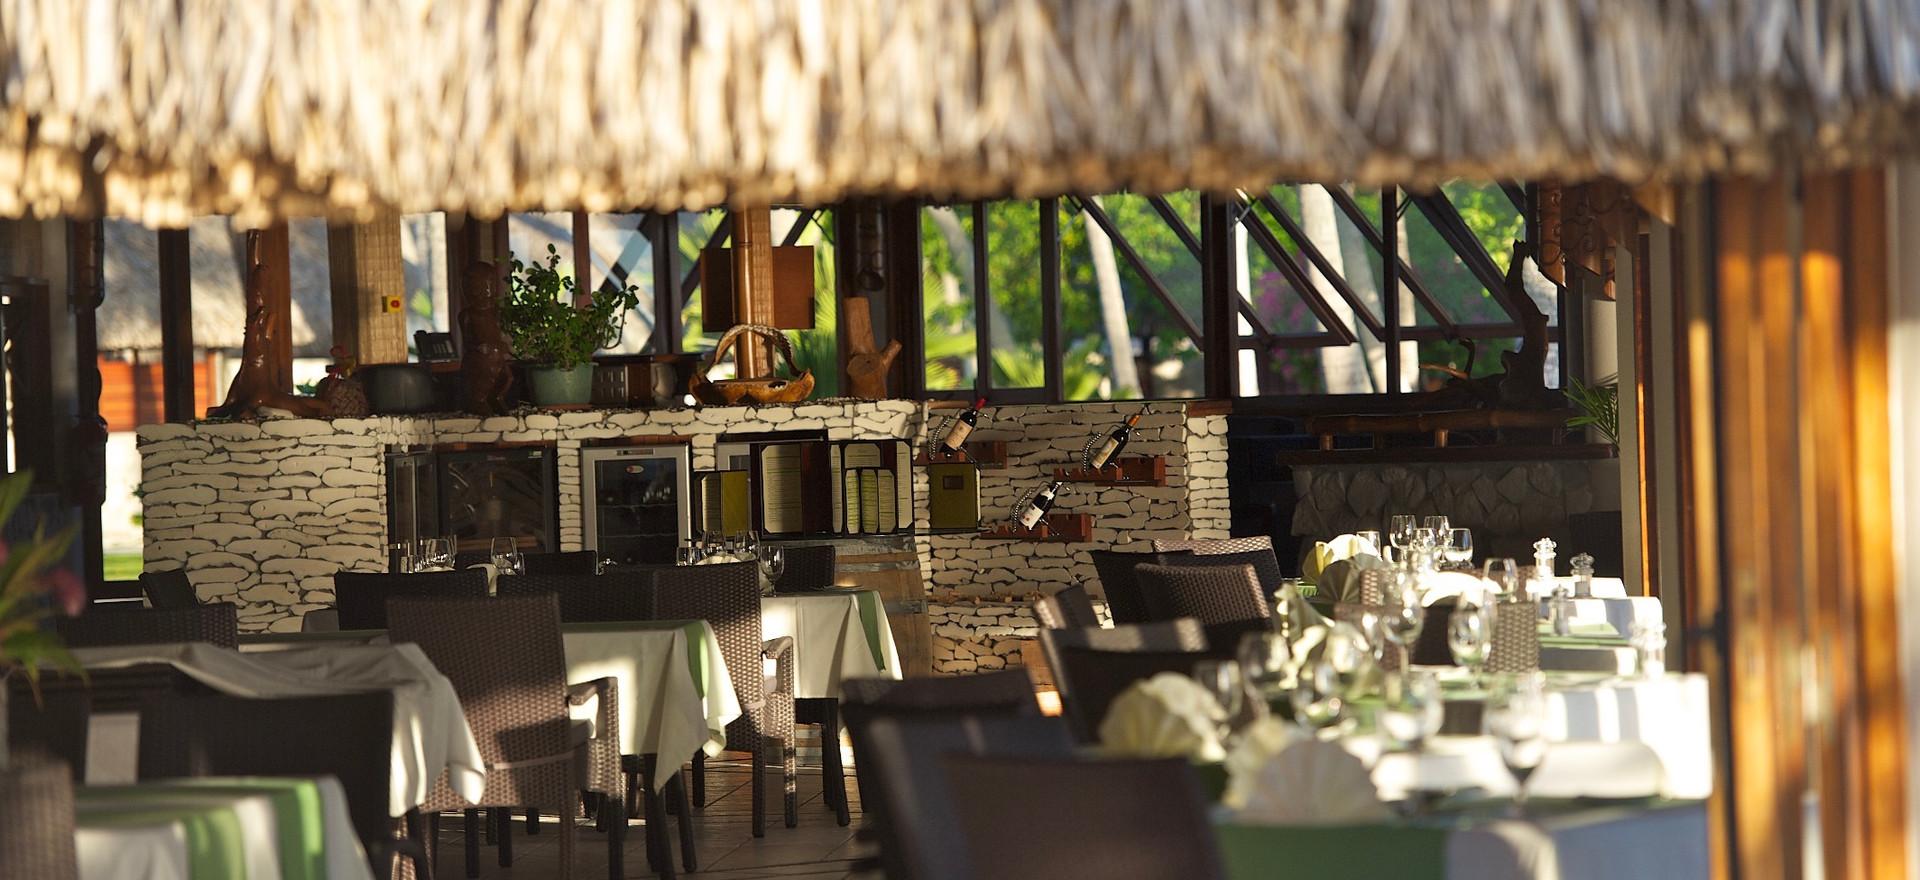 Te Rairoa Restaurant